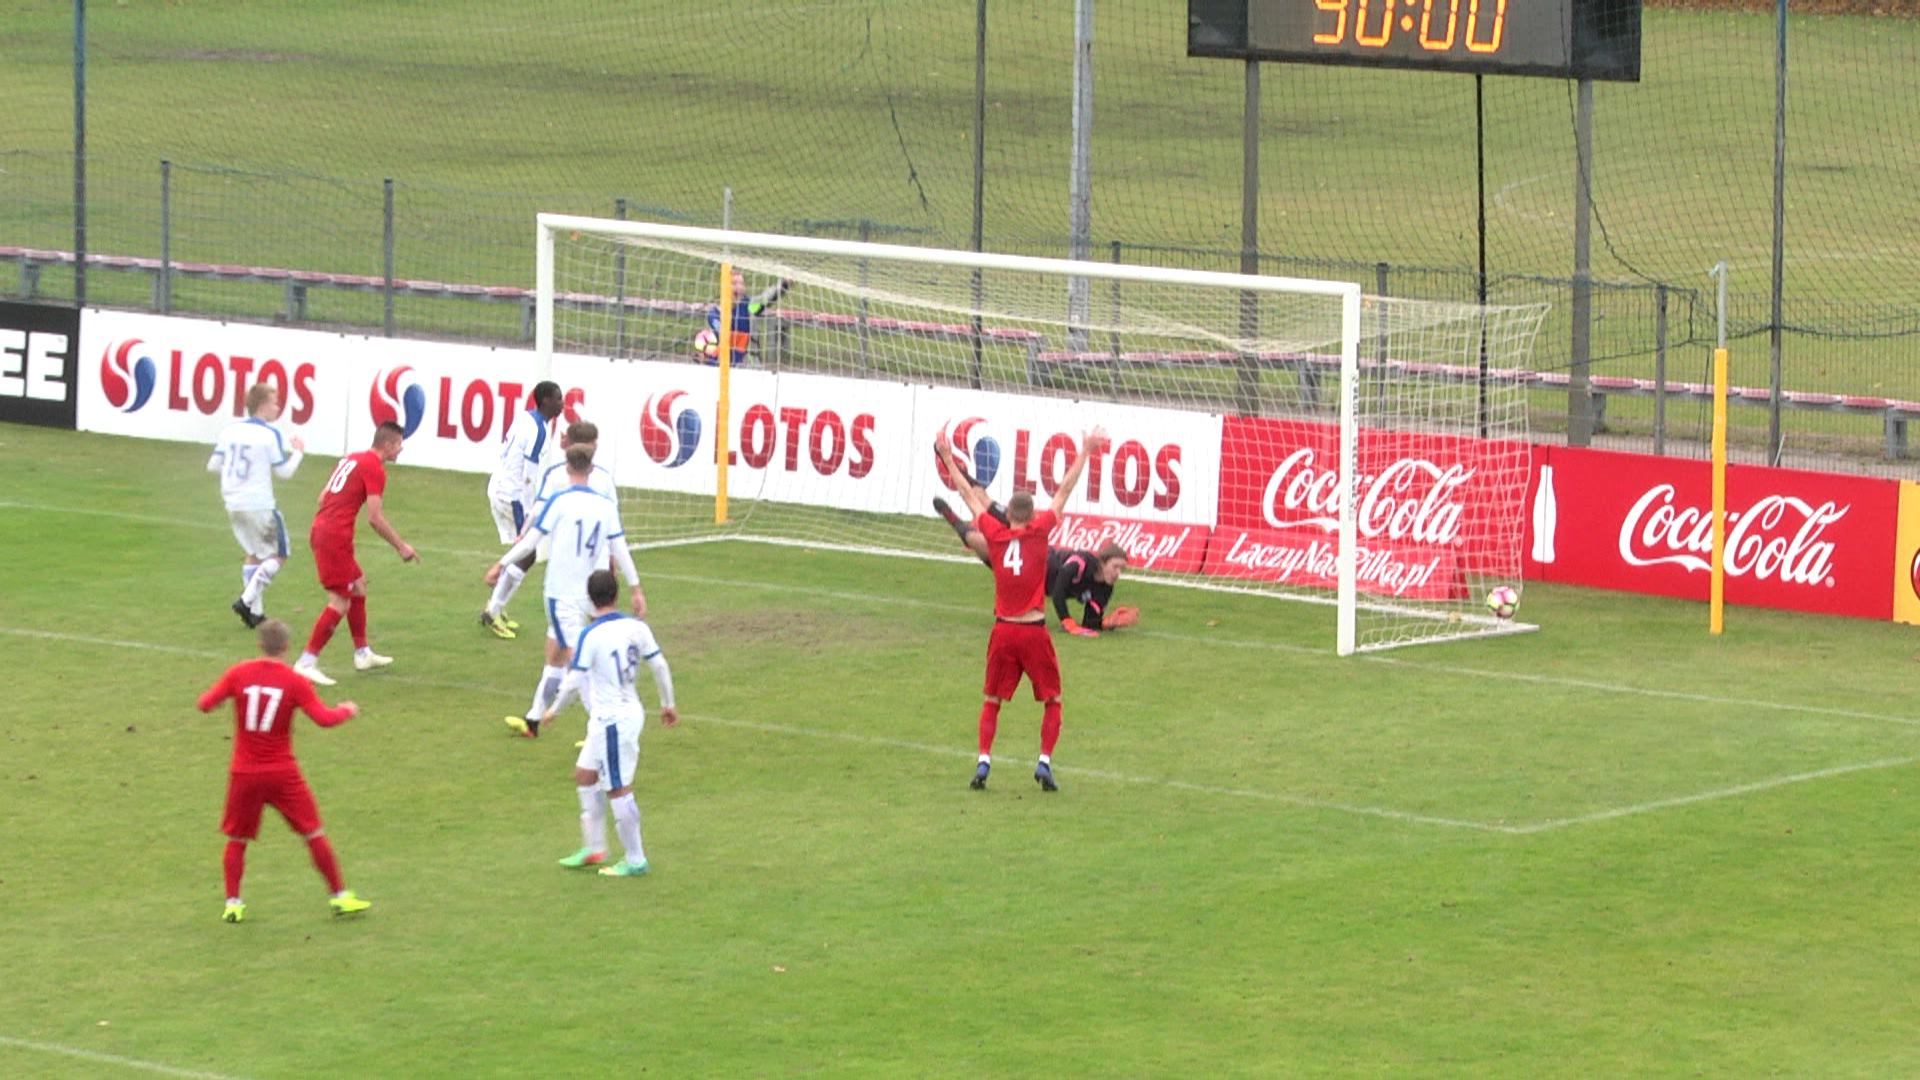 Reprezentacja Polski do lat 17 zdobyła zwycięską bramkę z Finlandią w doliczonym czasie. Mecz w Ząbkach, eliminacje mistrzostw Europy 2019.